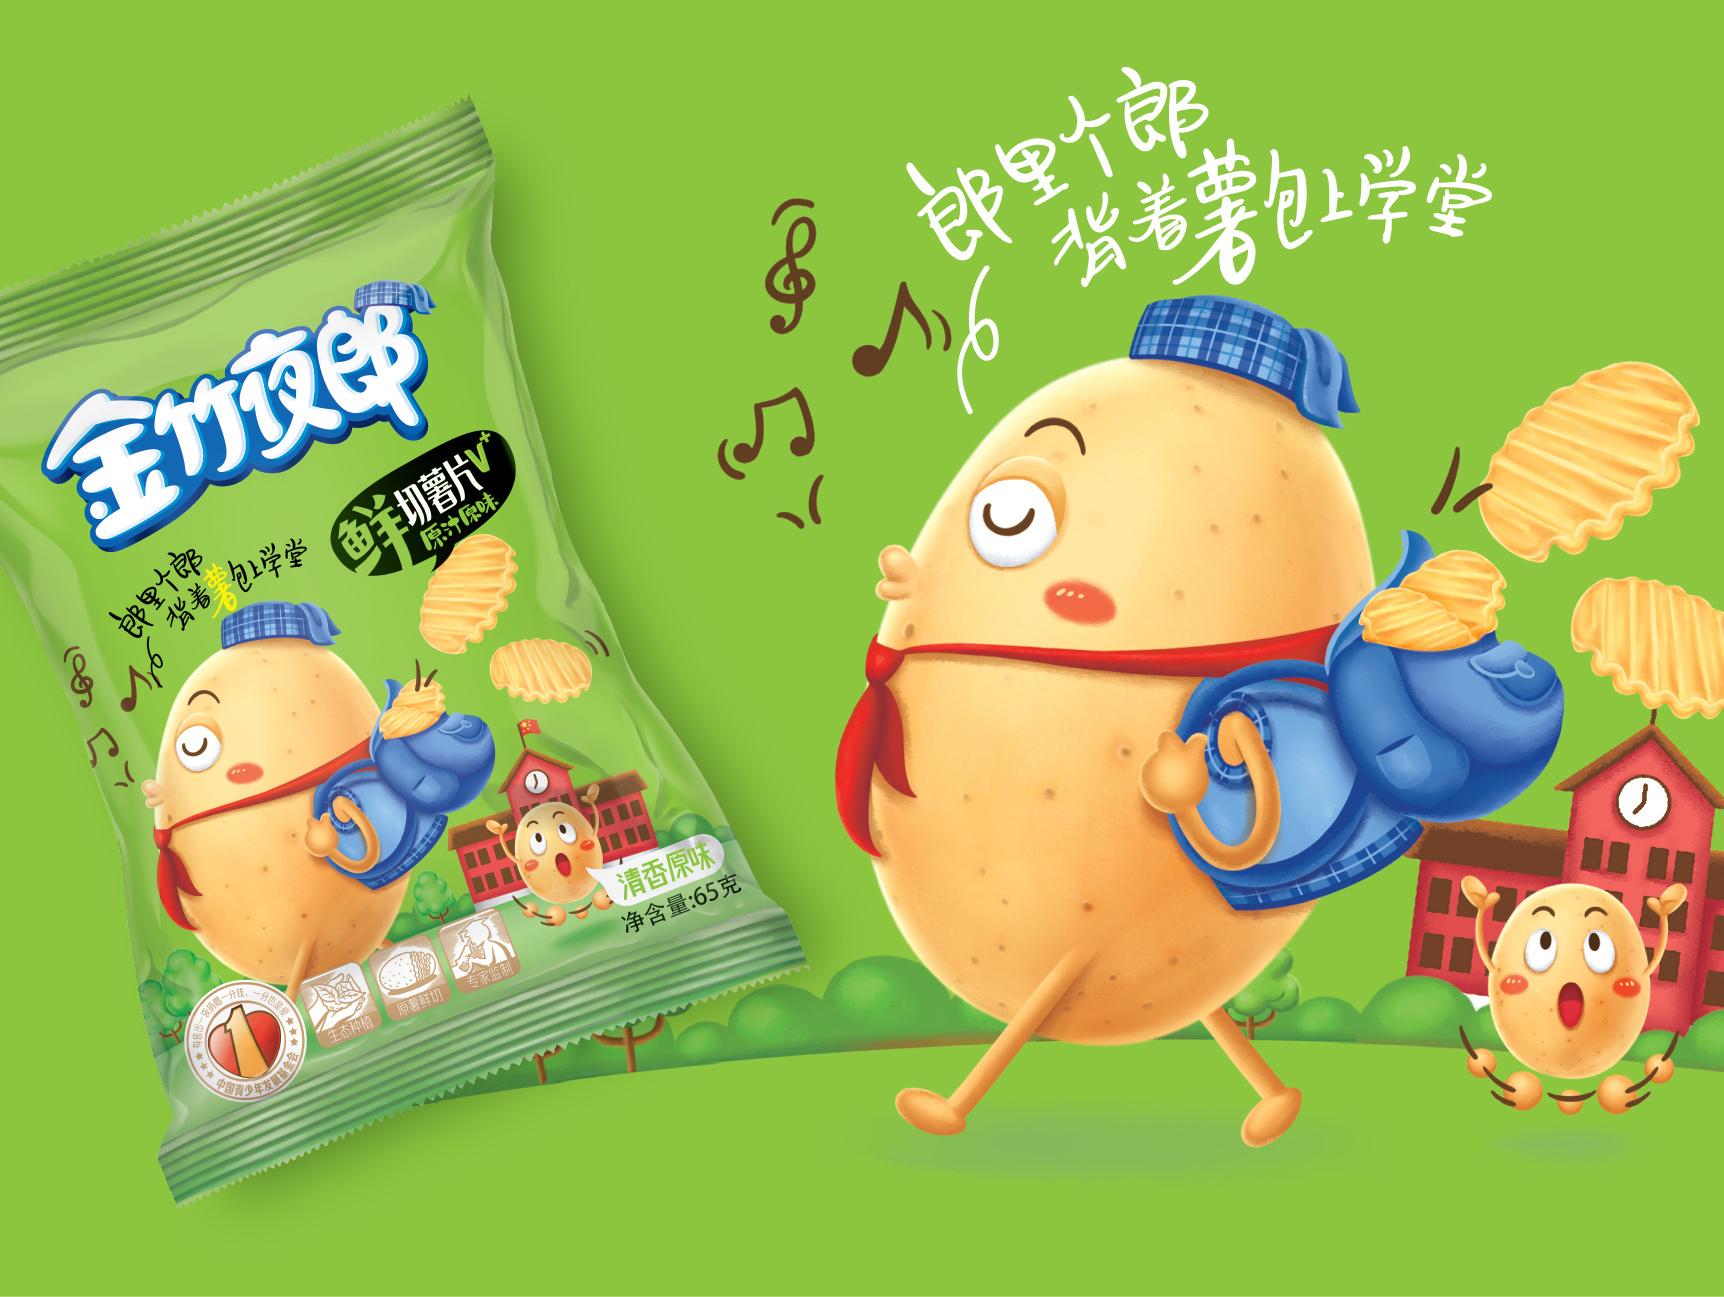 智多邦——贵州金竹夜郎薯片包装 薯片包装设计 食品品牌设计 食品图片